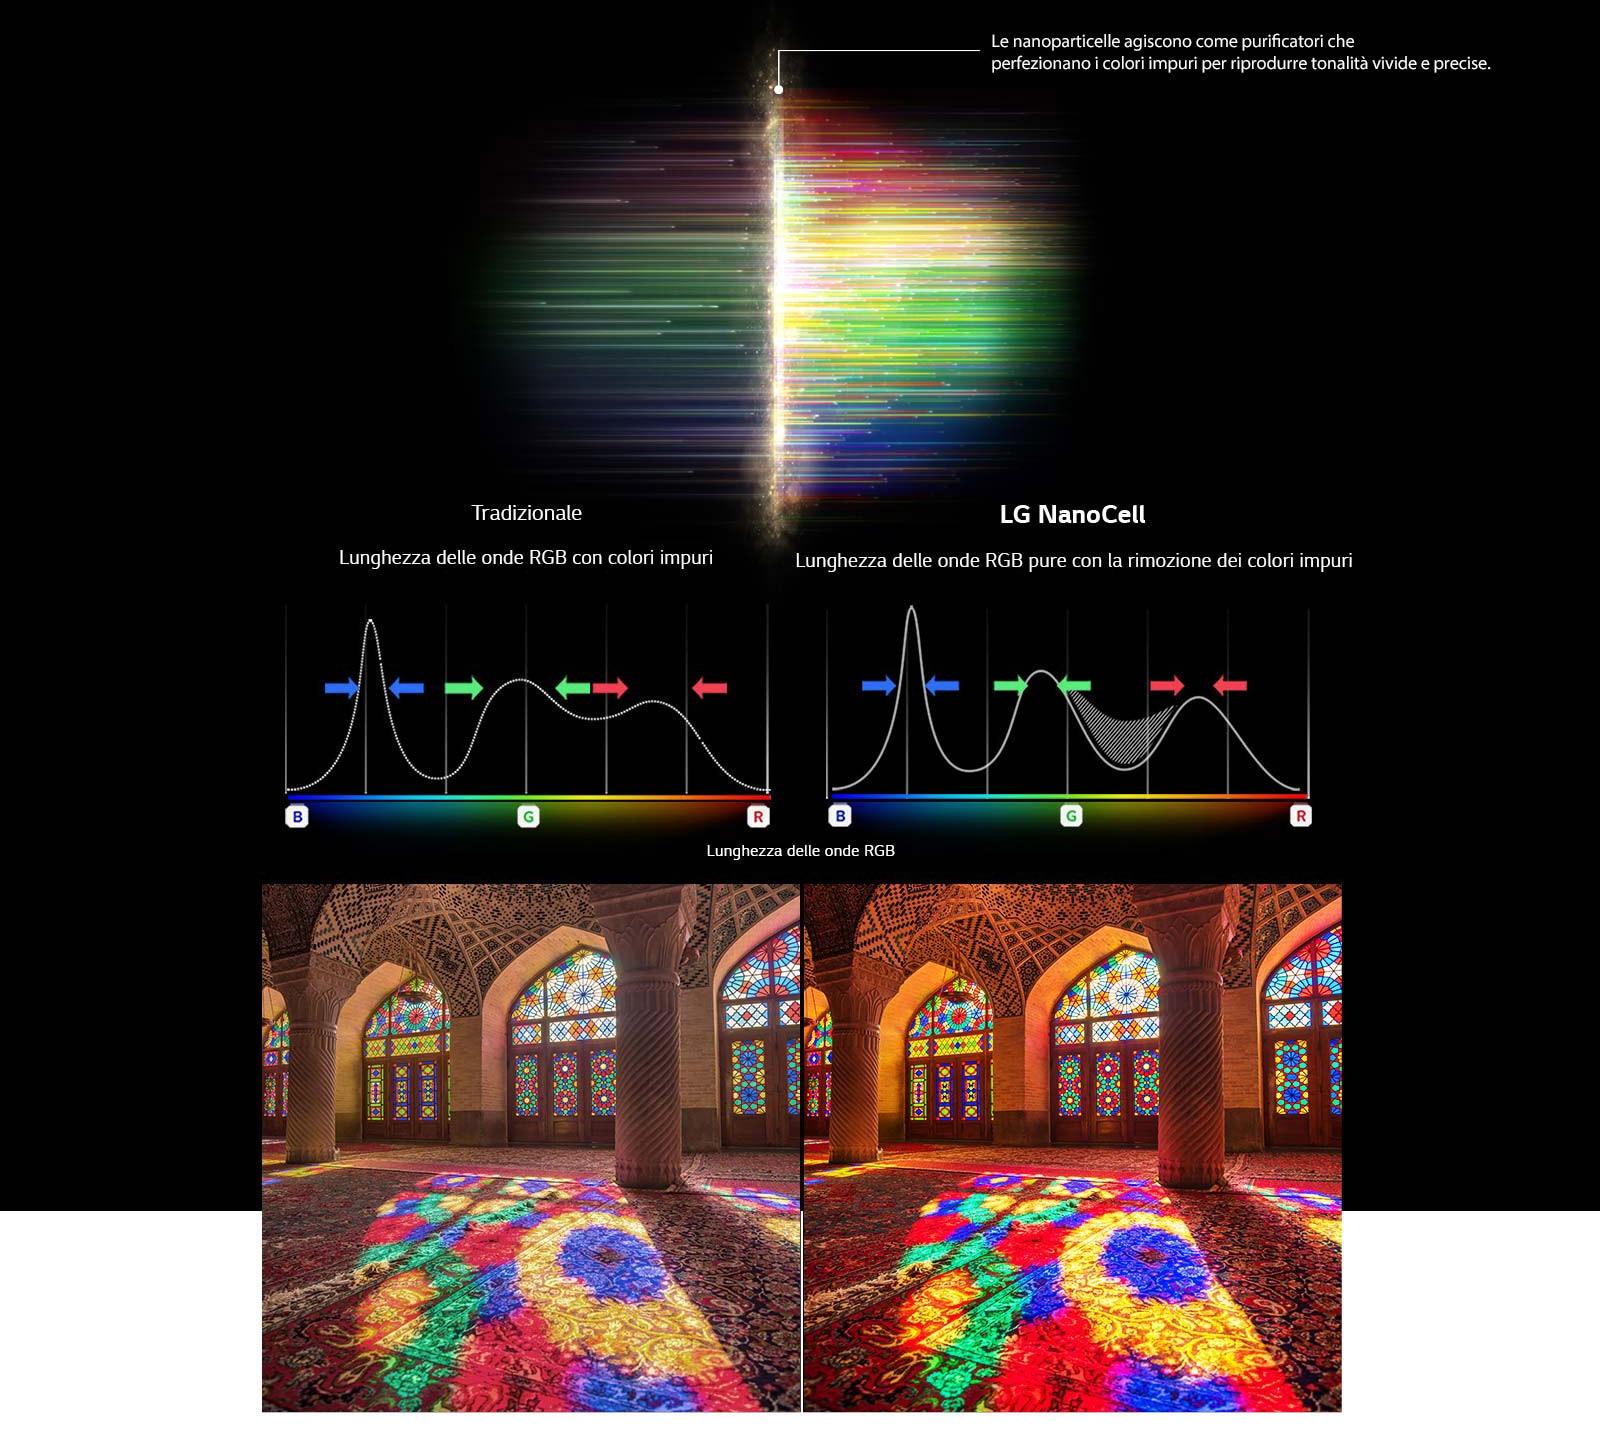 Il grafico dello spettro RGB che mostra i colori opachi filtrati e immagini a confronto della purezza cromatica tra la tecnologia tradizionale e la tecnologia LG NanoCell